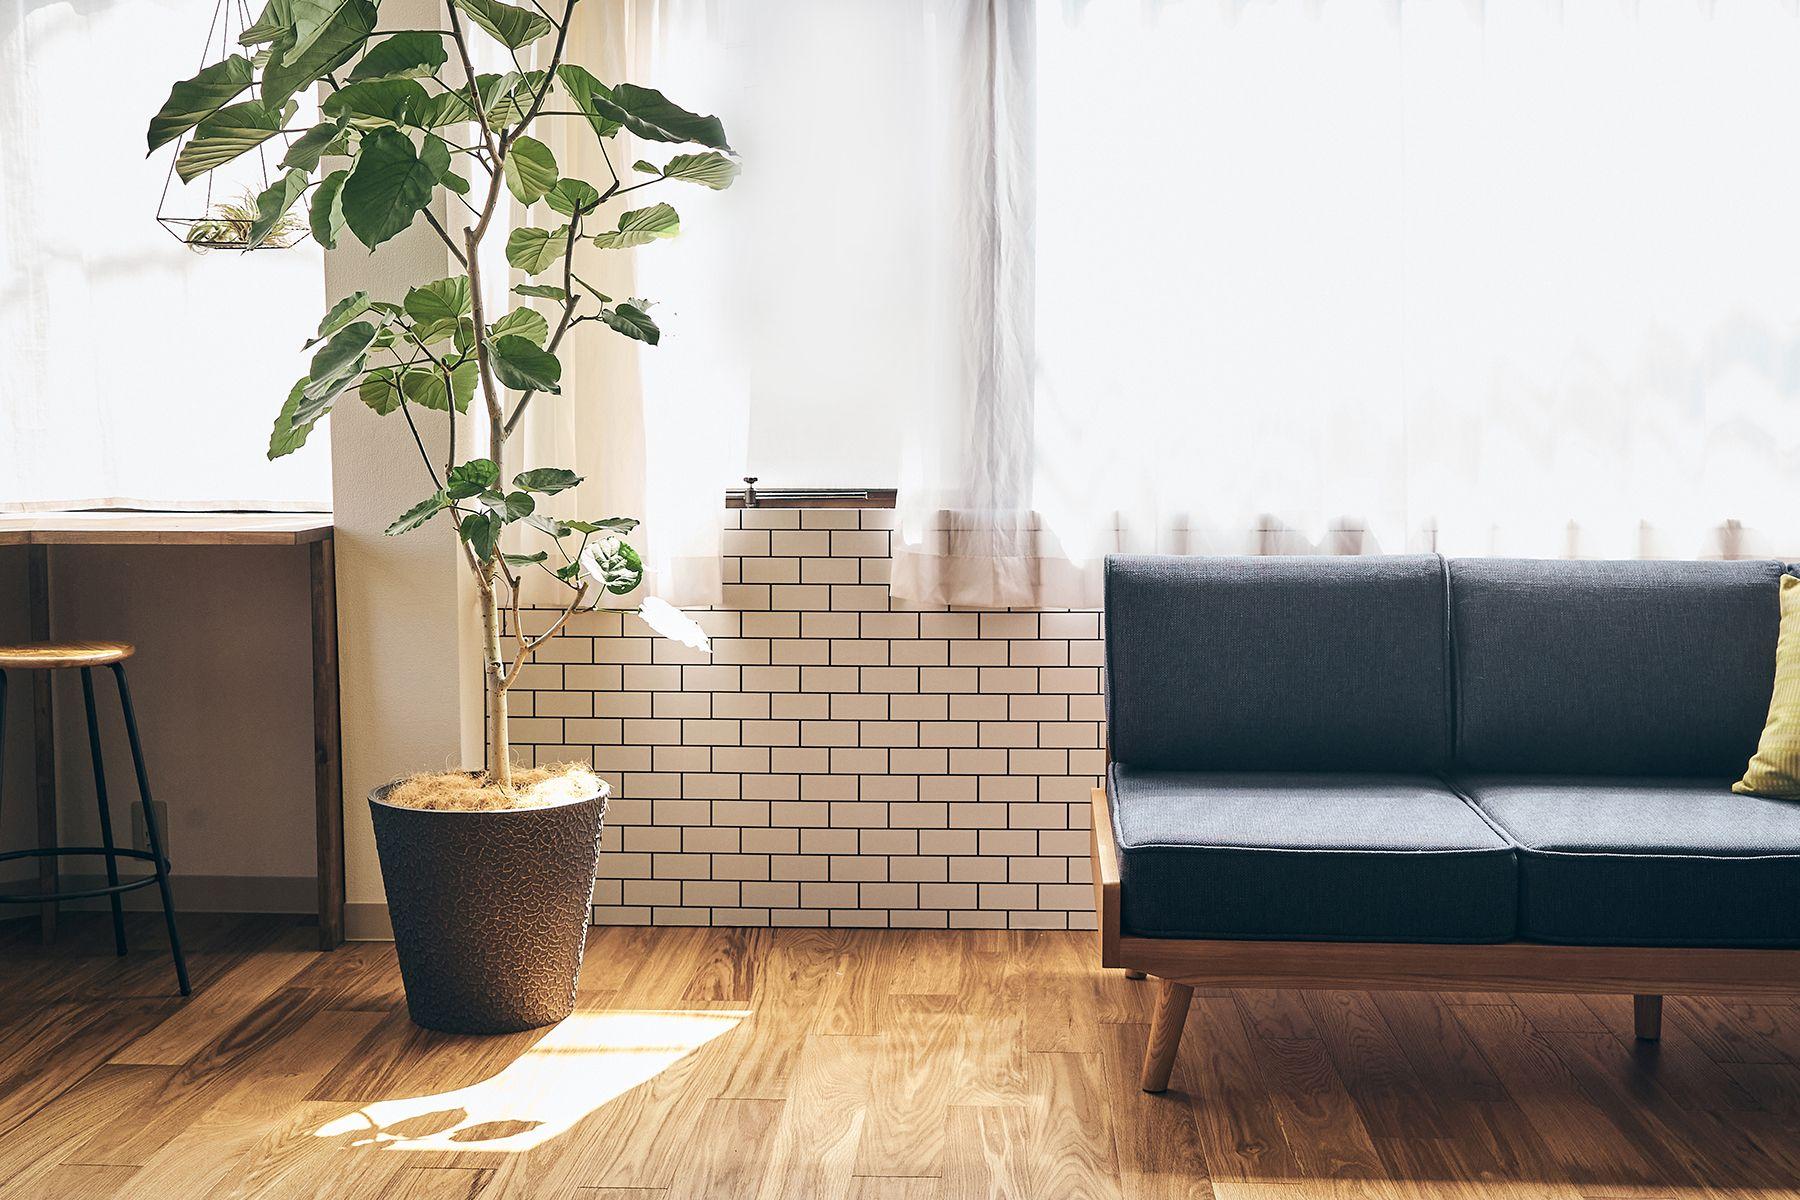 studio B (スタジオ ビー)2F 壁はパネルでアレンジ可能(タイル)